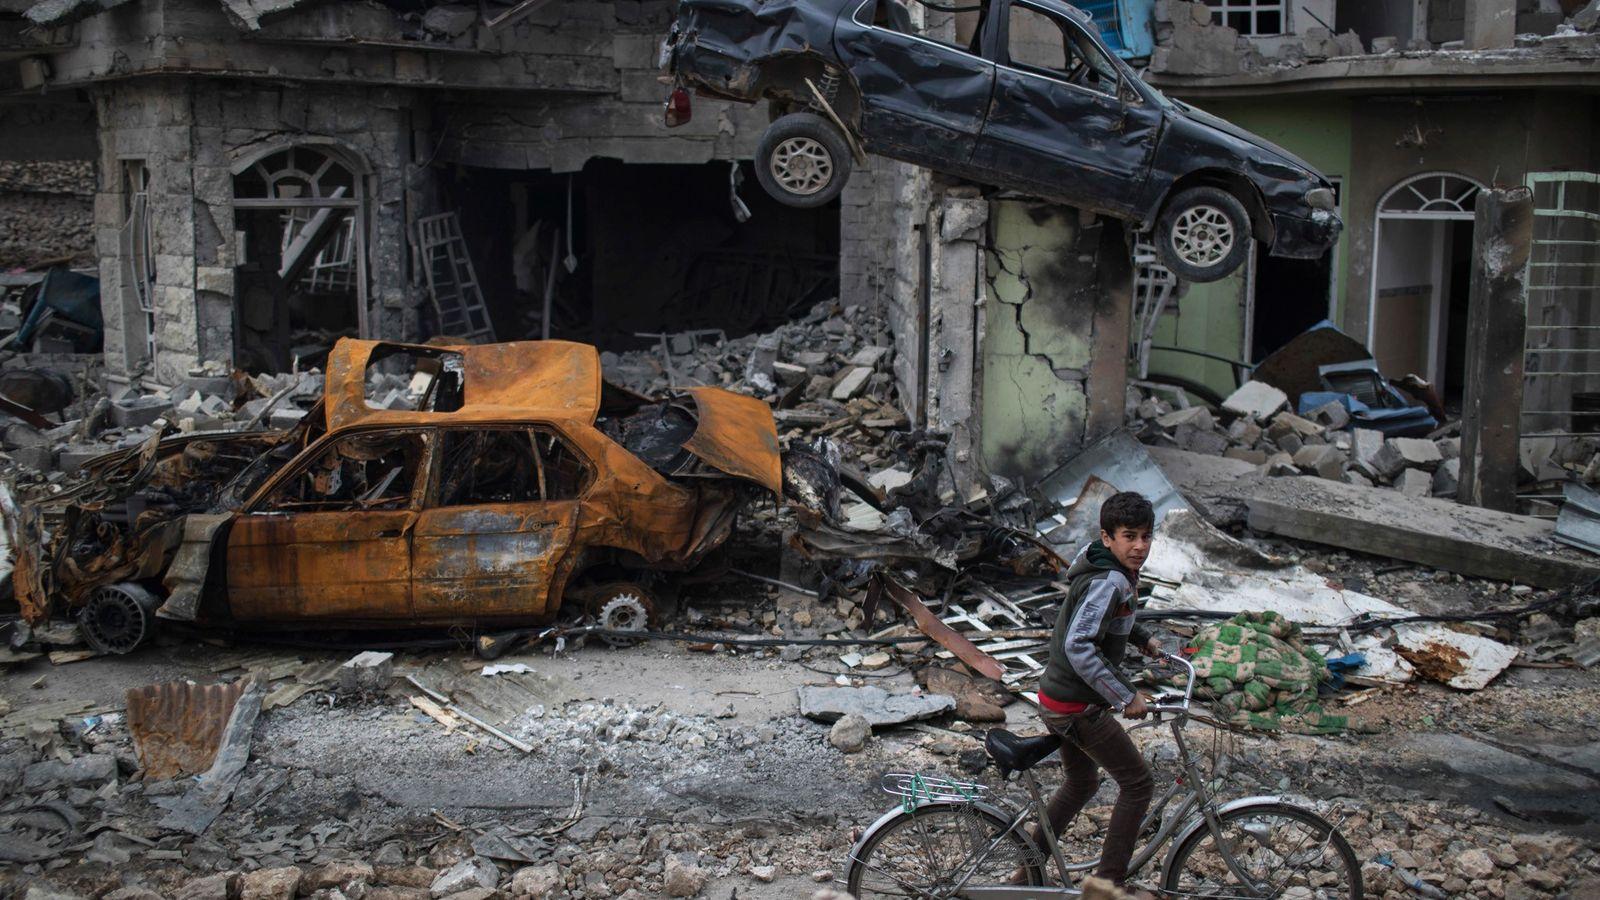 Garoto anda de bicicleta entre casas e carros destruídos em uma área liberada recentemente pelas forças ...